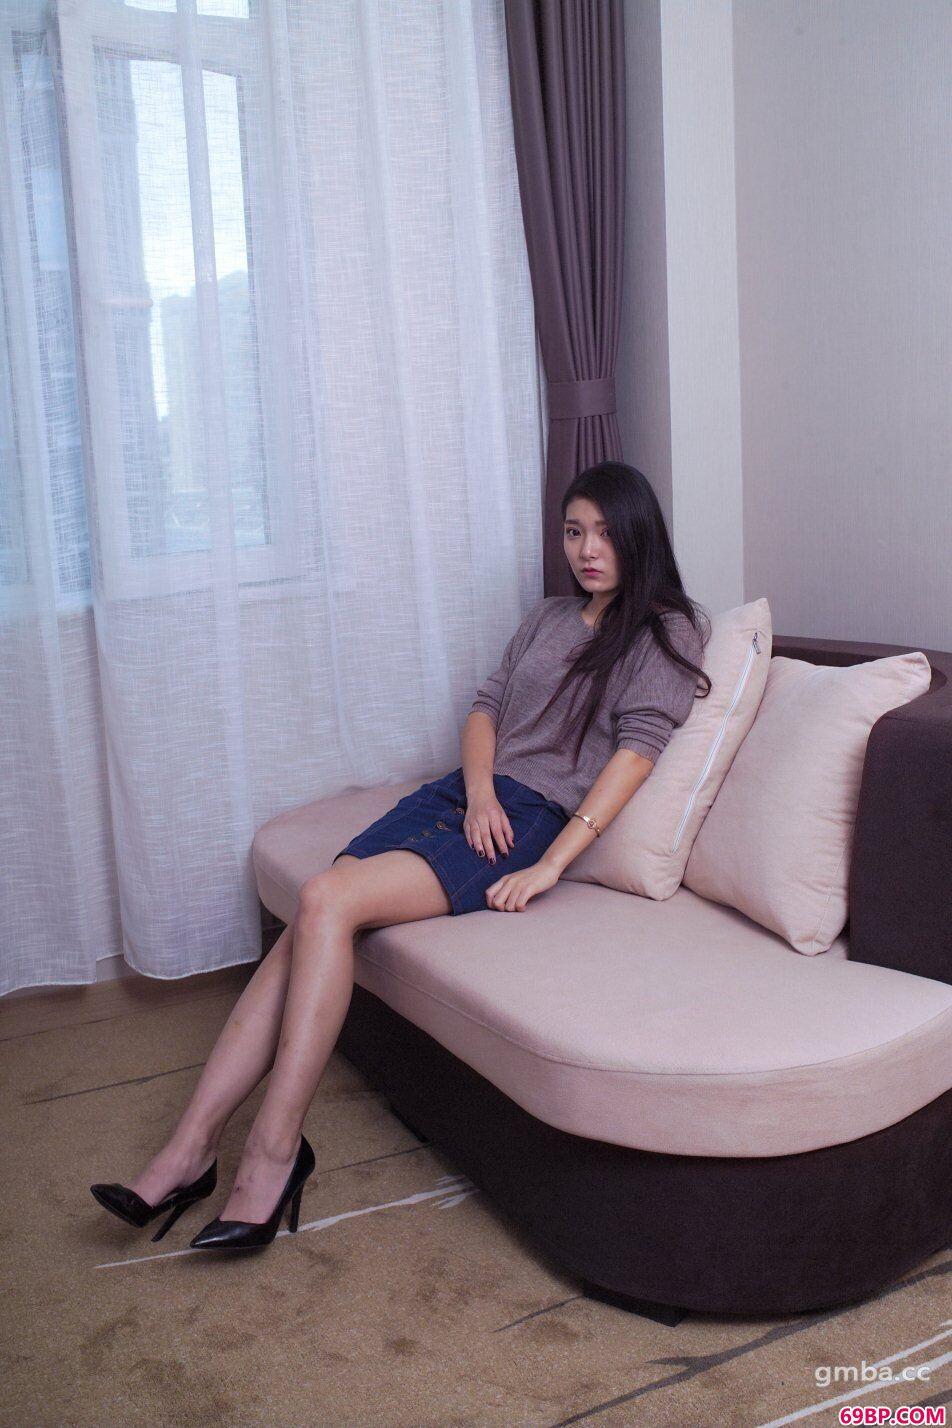 希威社名模林美梦人体艺术约拍_国模裸体艺术